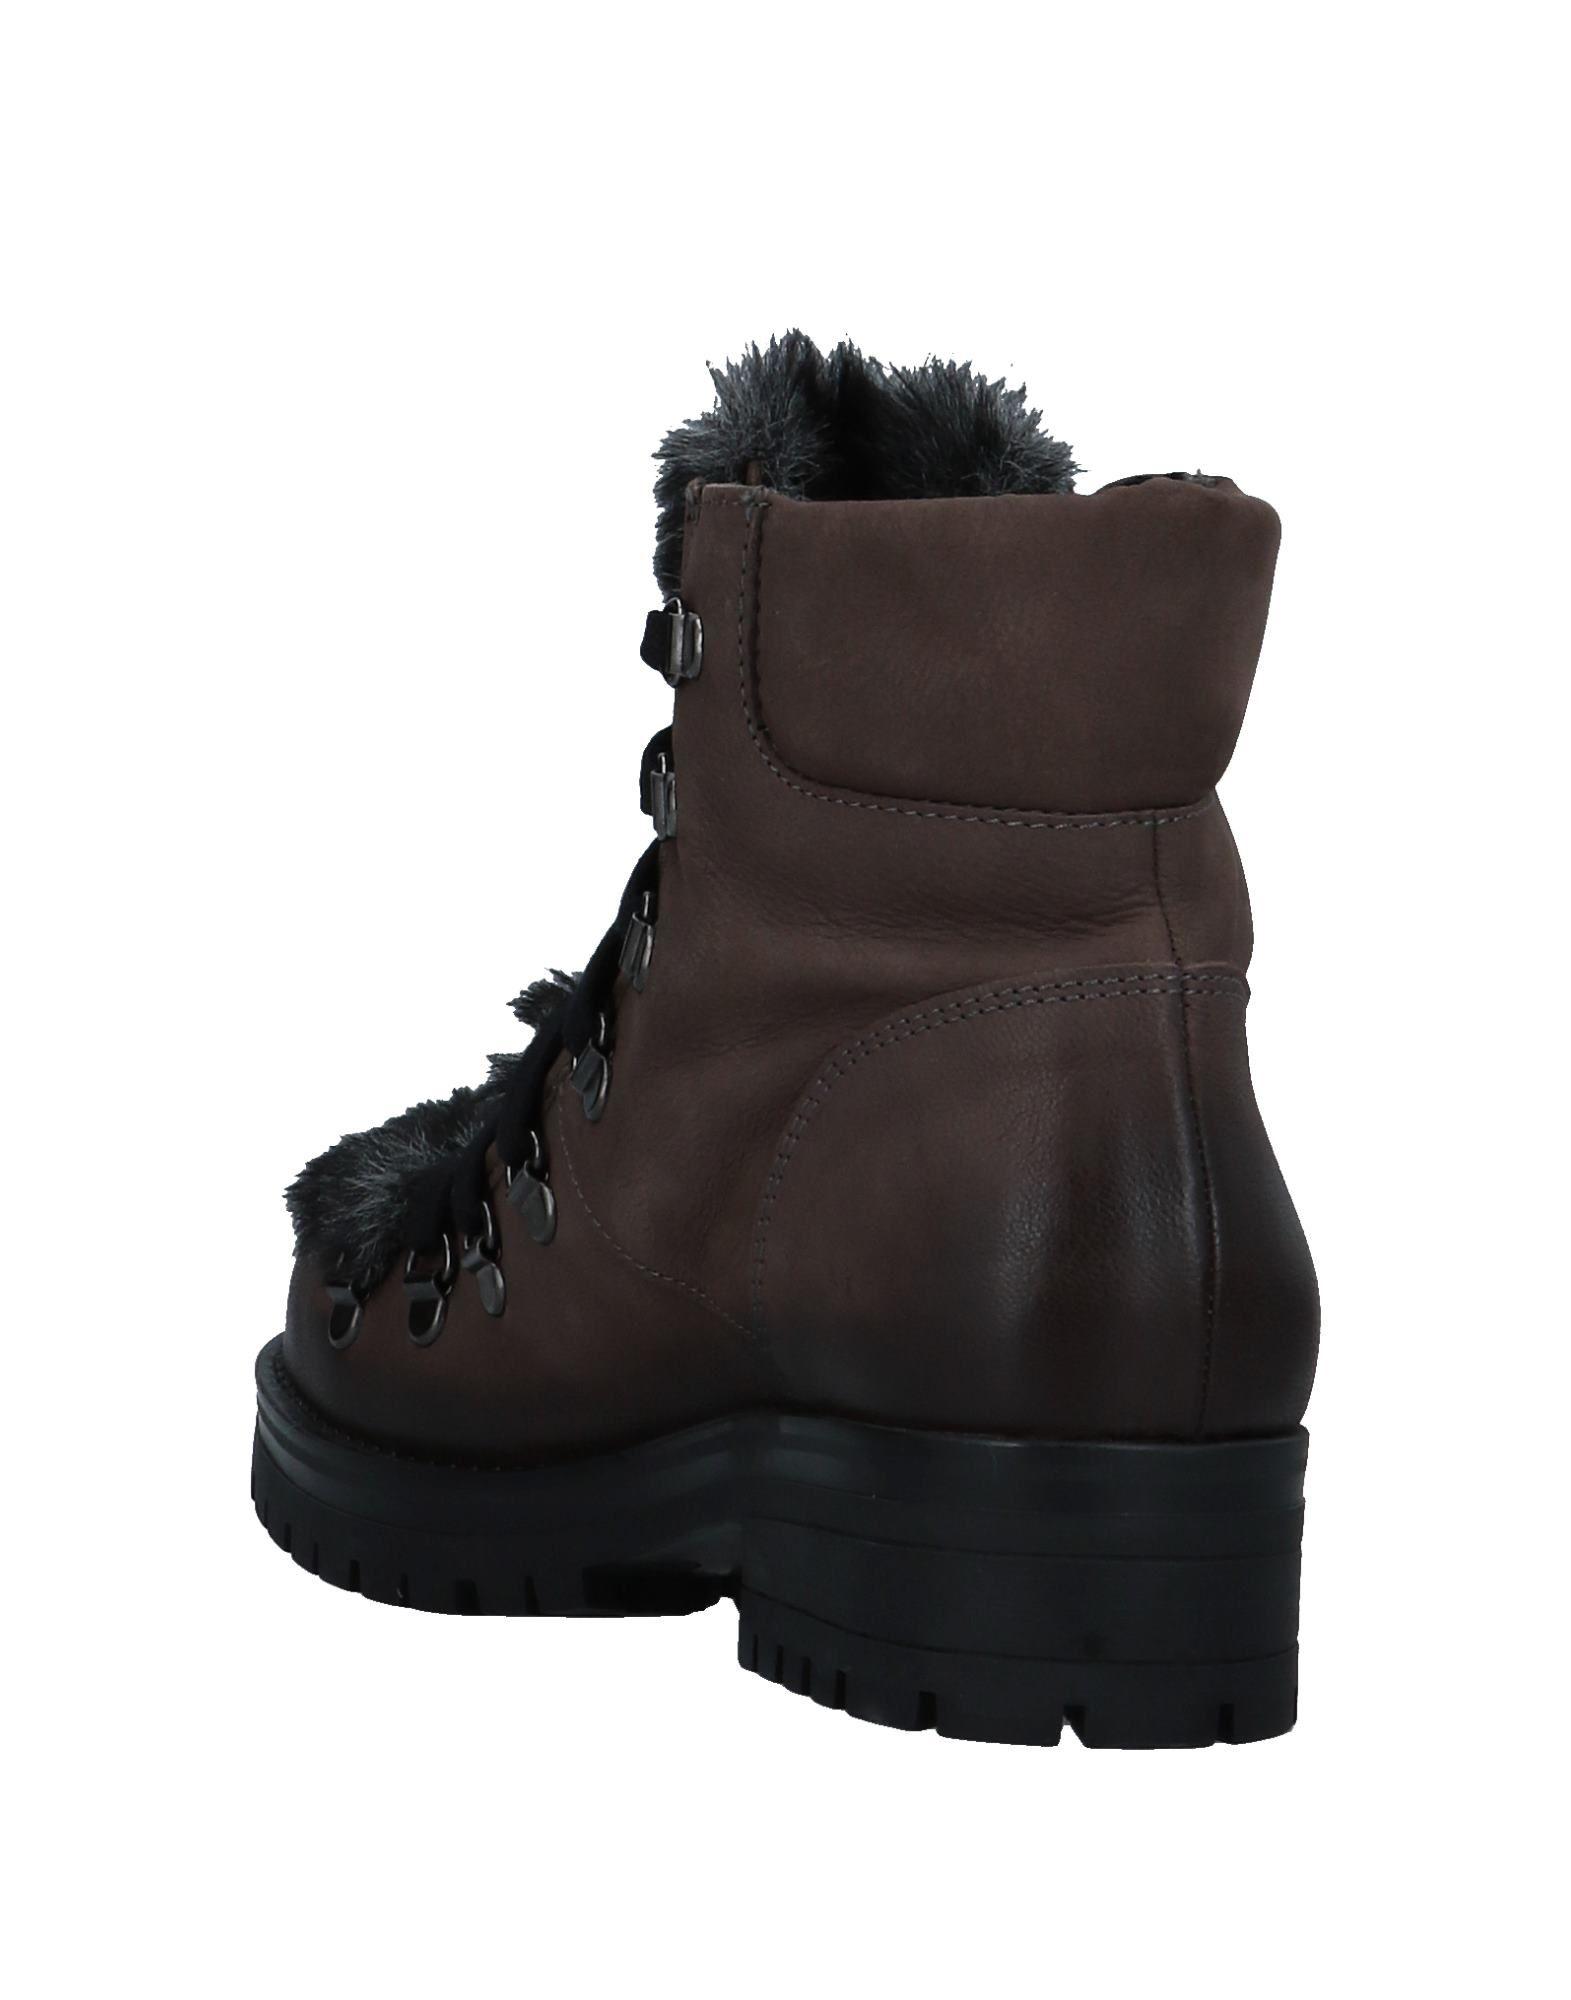 Fabbrica Deicolli Stiefelette Damen  11533872XC Gute Qualität beliebte Schuhe